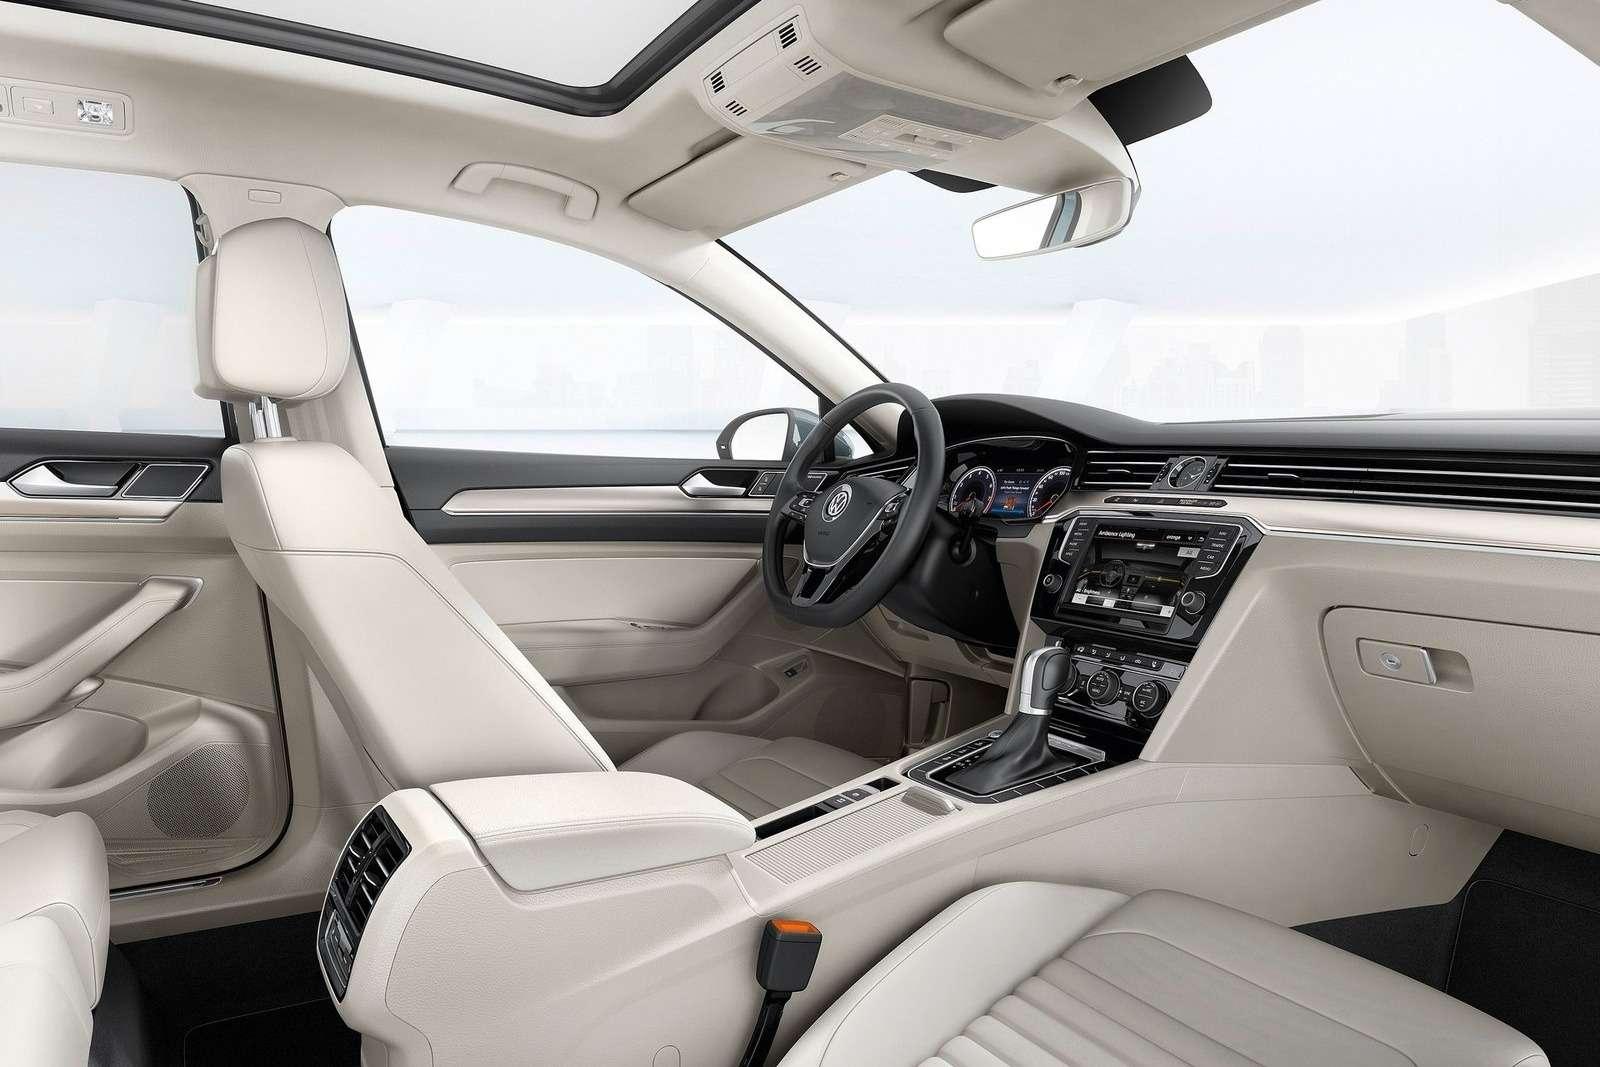 Volkswagen-Passat_2015_1600x1200_wallpaper_16